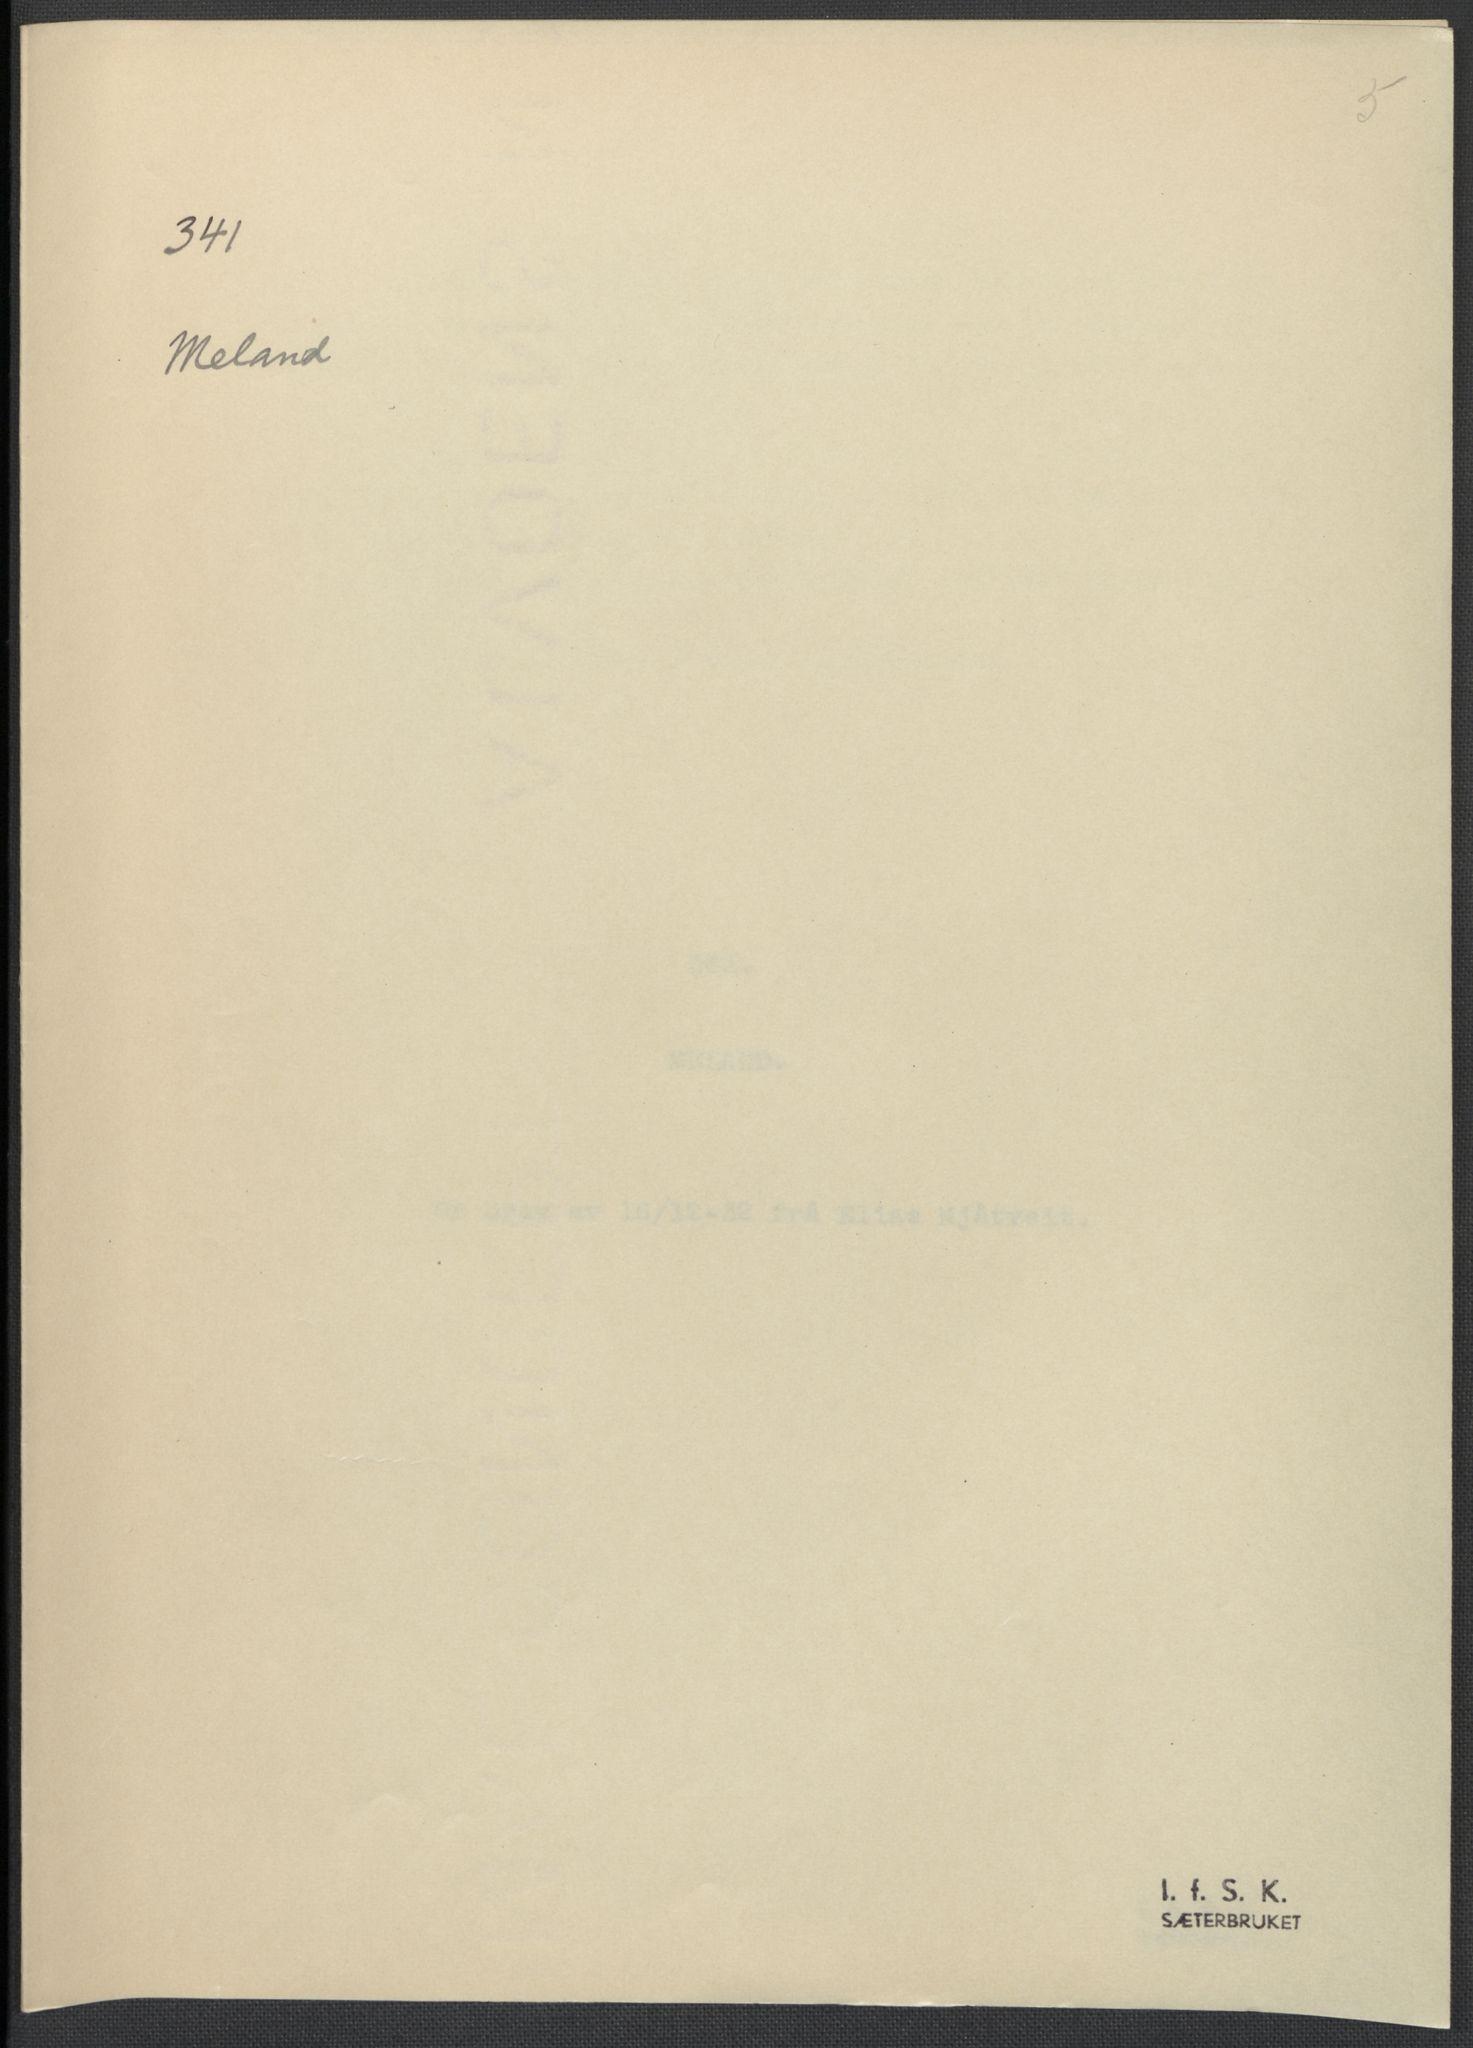 RA, Instituttet for sammenlignende kulturforskning, F/Fc/L0010: Eske B10:, 1932-1935, s. 5